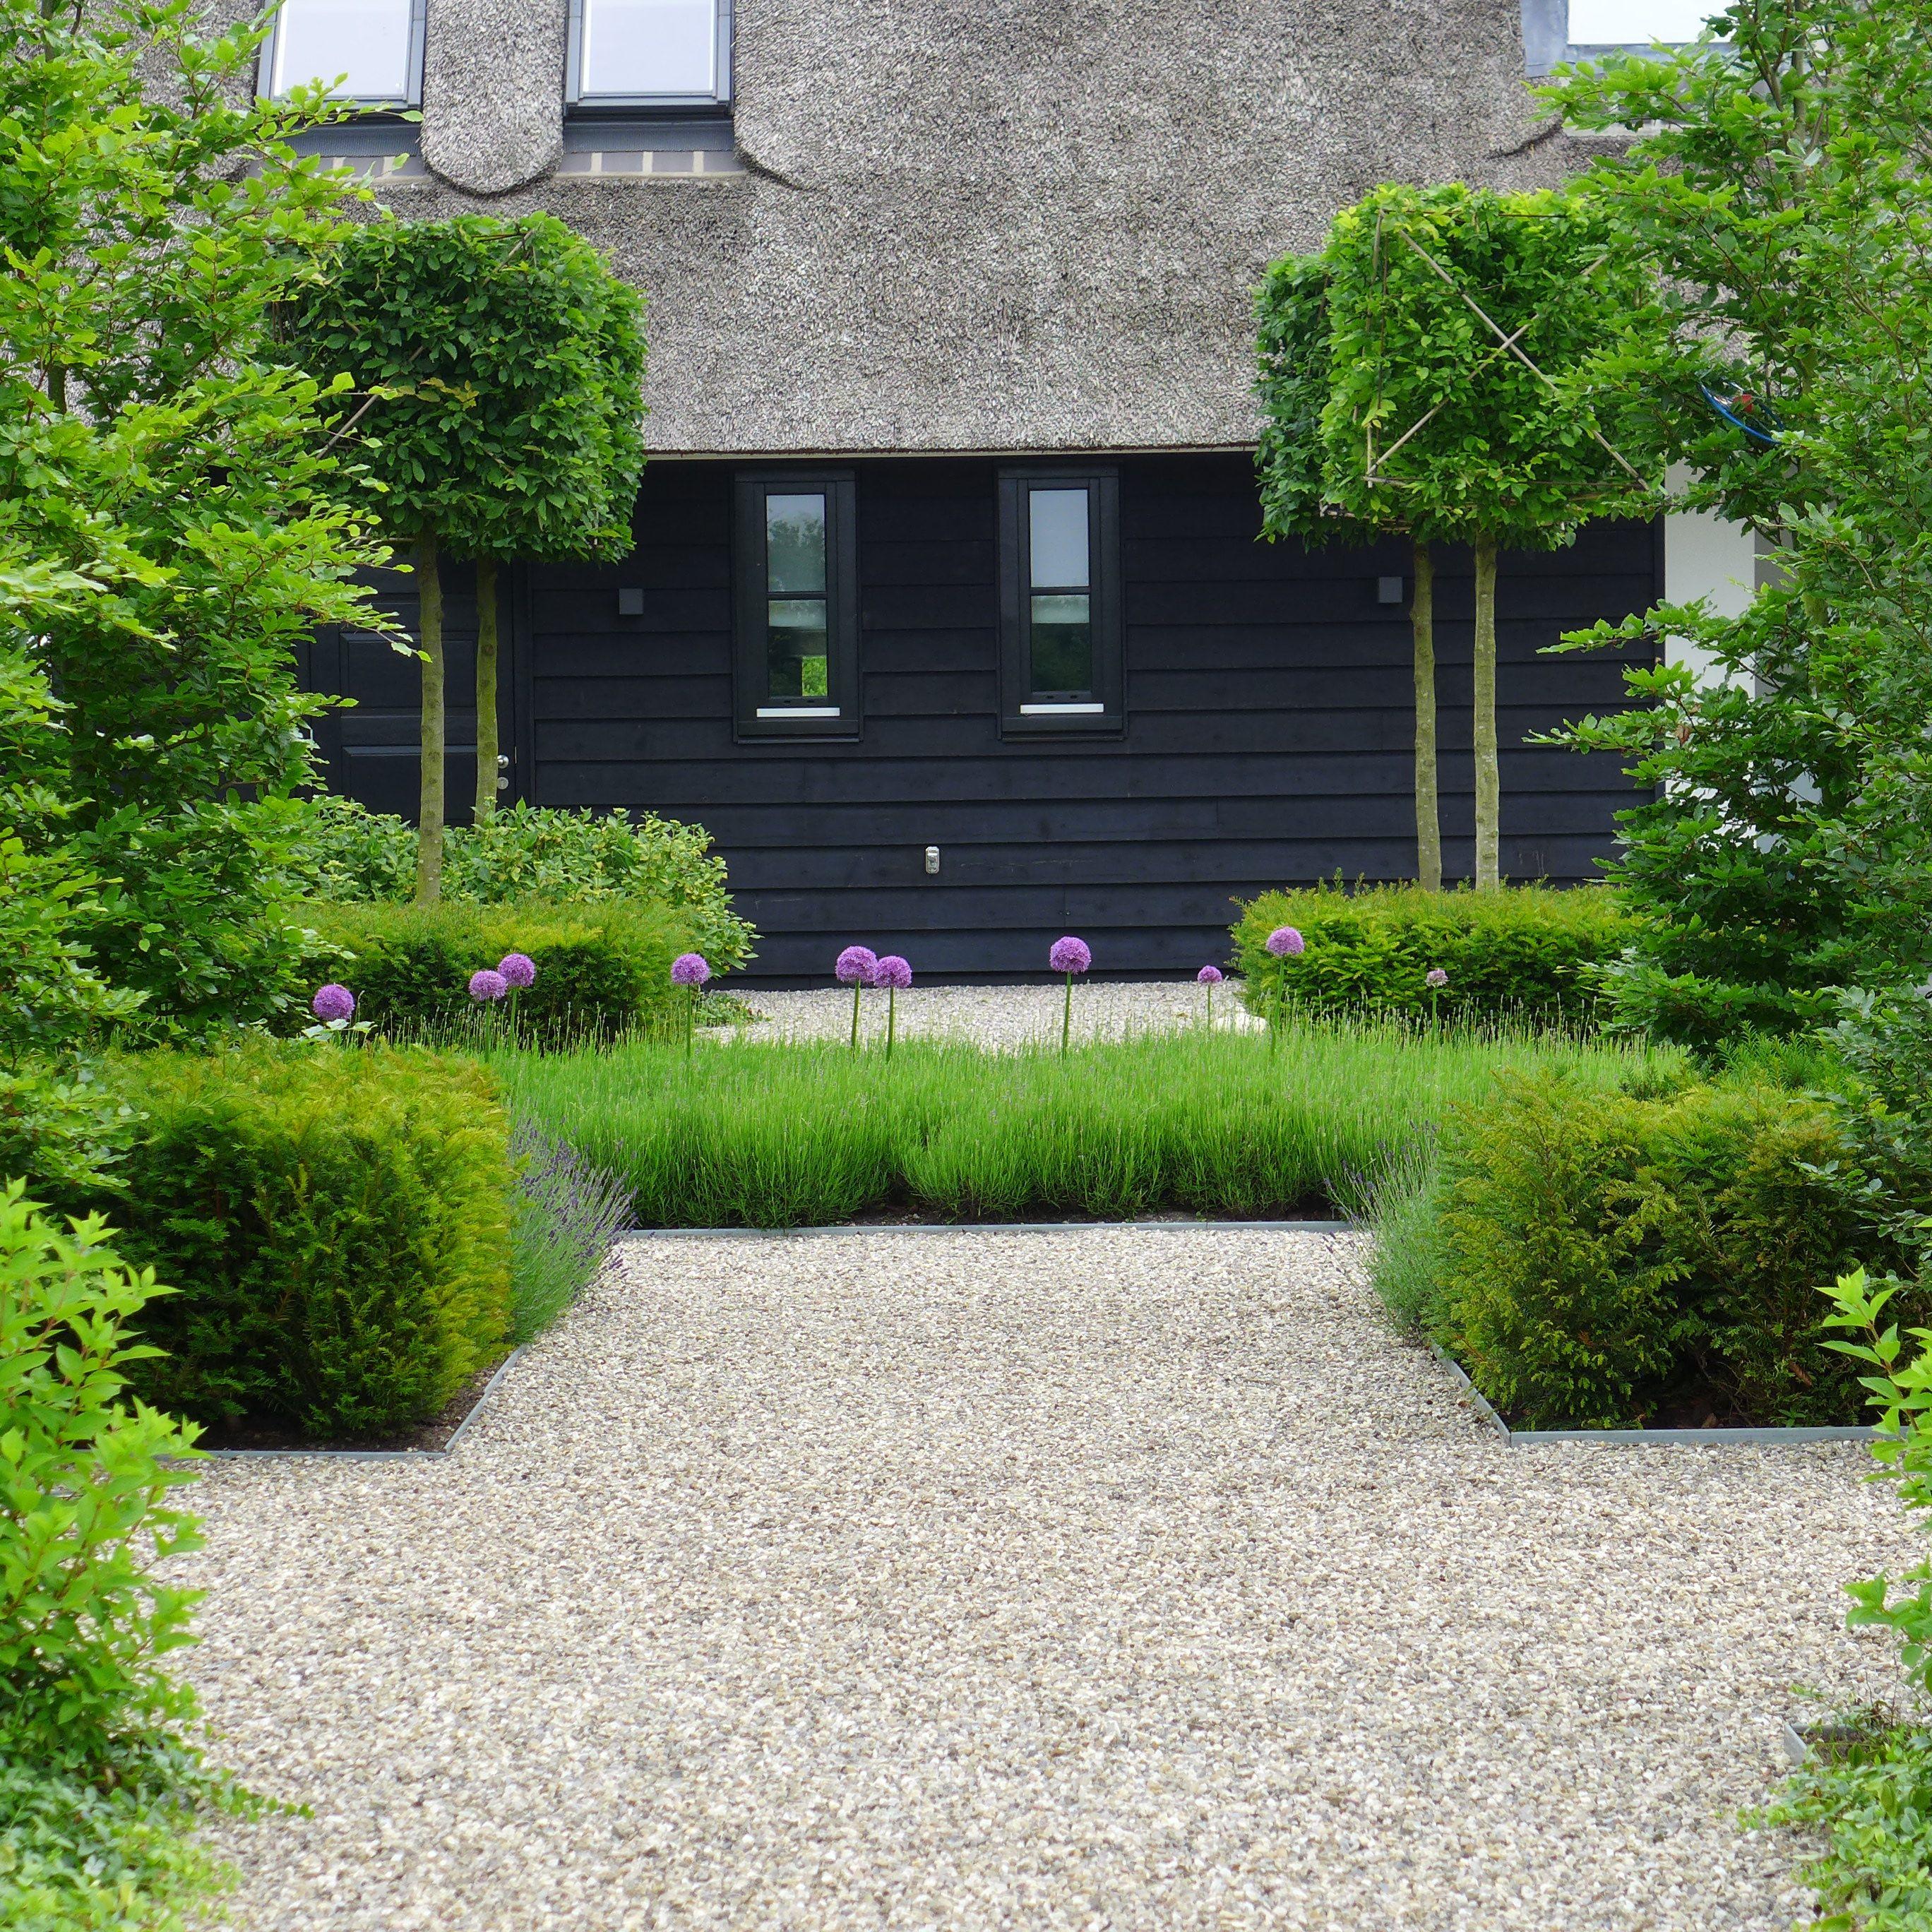 Moderne tuin uienbollen taxus blokken grind blokbomen boerderij rietenkap www - Tuin landscaping fotos ...